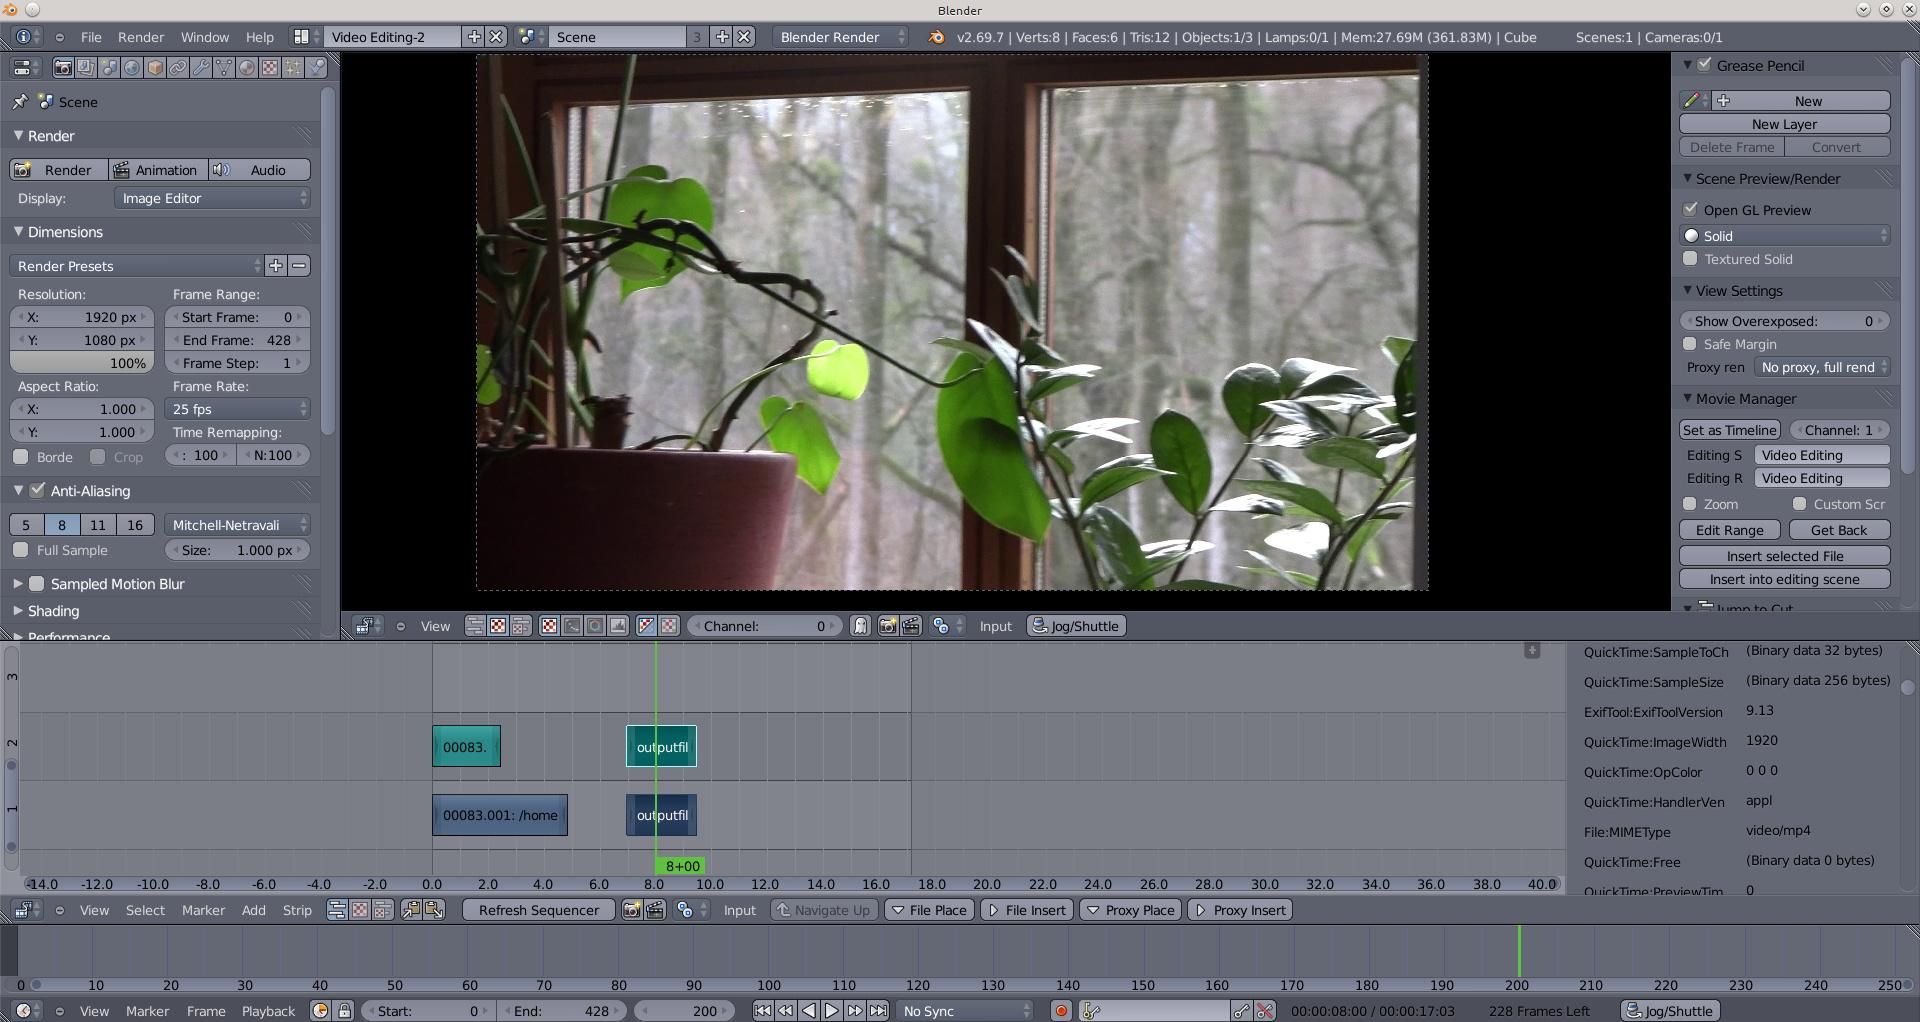 Riveting Mts Files Video Is Twice As Long As It Avchd Vs Mp4 C100 Avchd Vs Mp4 Kb Problems Editing dpreview Avchd Vs Mp4